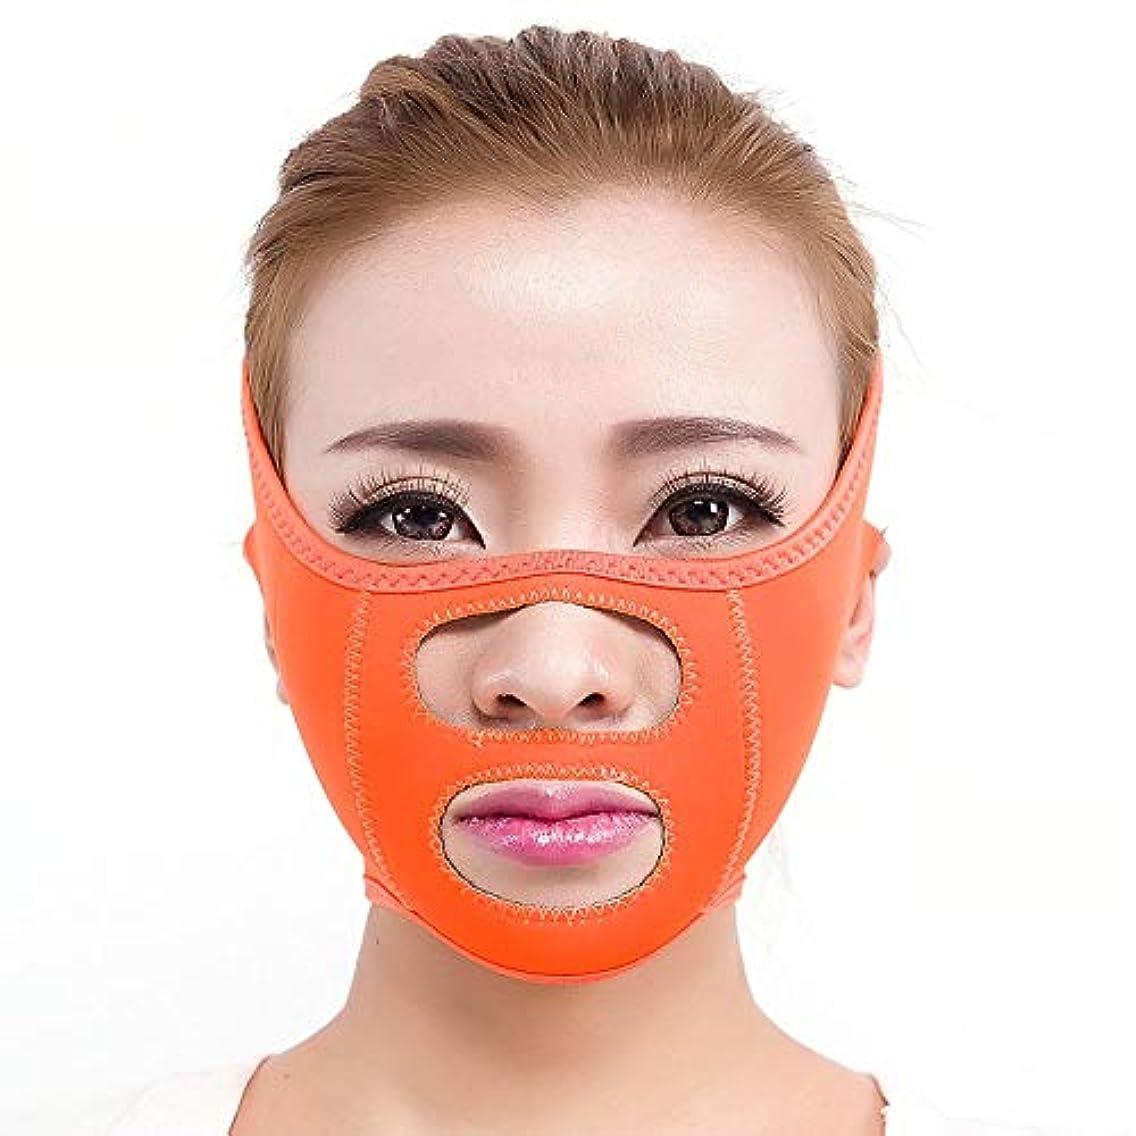 ローブ期間気づくなるGYZ シンフェイスマスクシンフェイス包帯シンフェイスアーティファクトシンフェイスフェイシャルリフティングシンフェイススモールVフェイススリープシンフェイスベルト Thin Face Belt (Color : A)